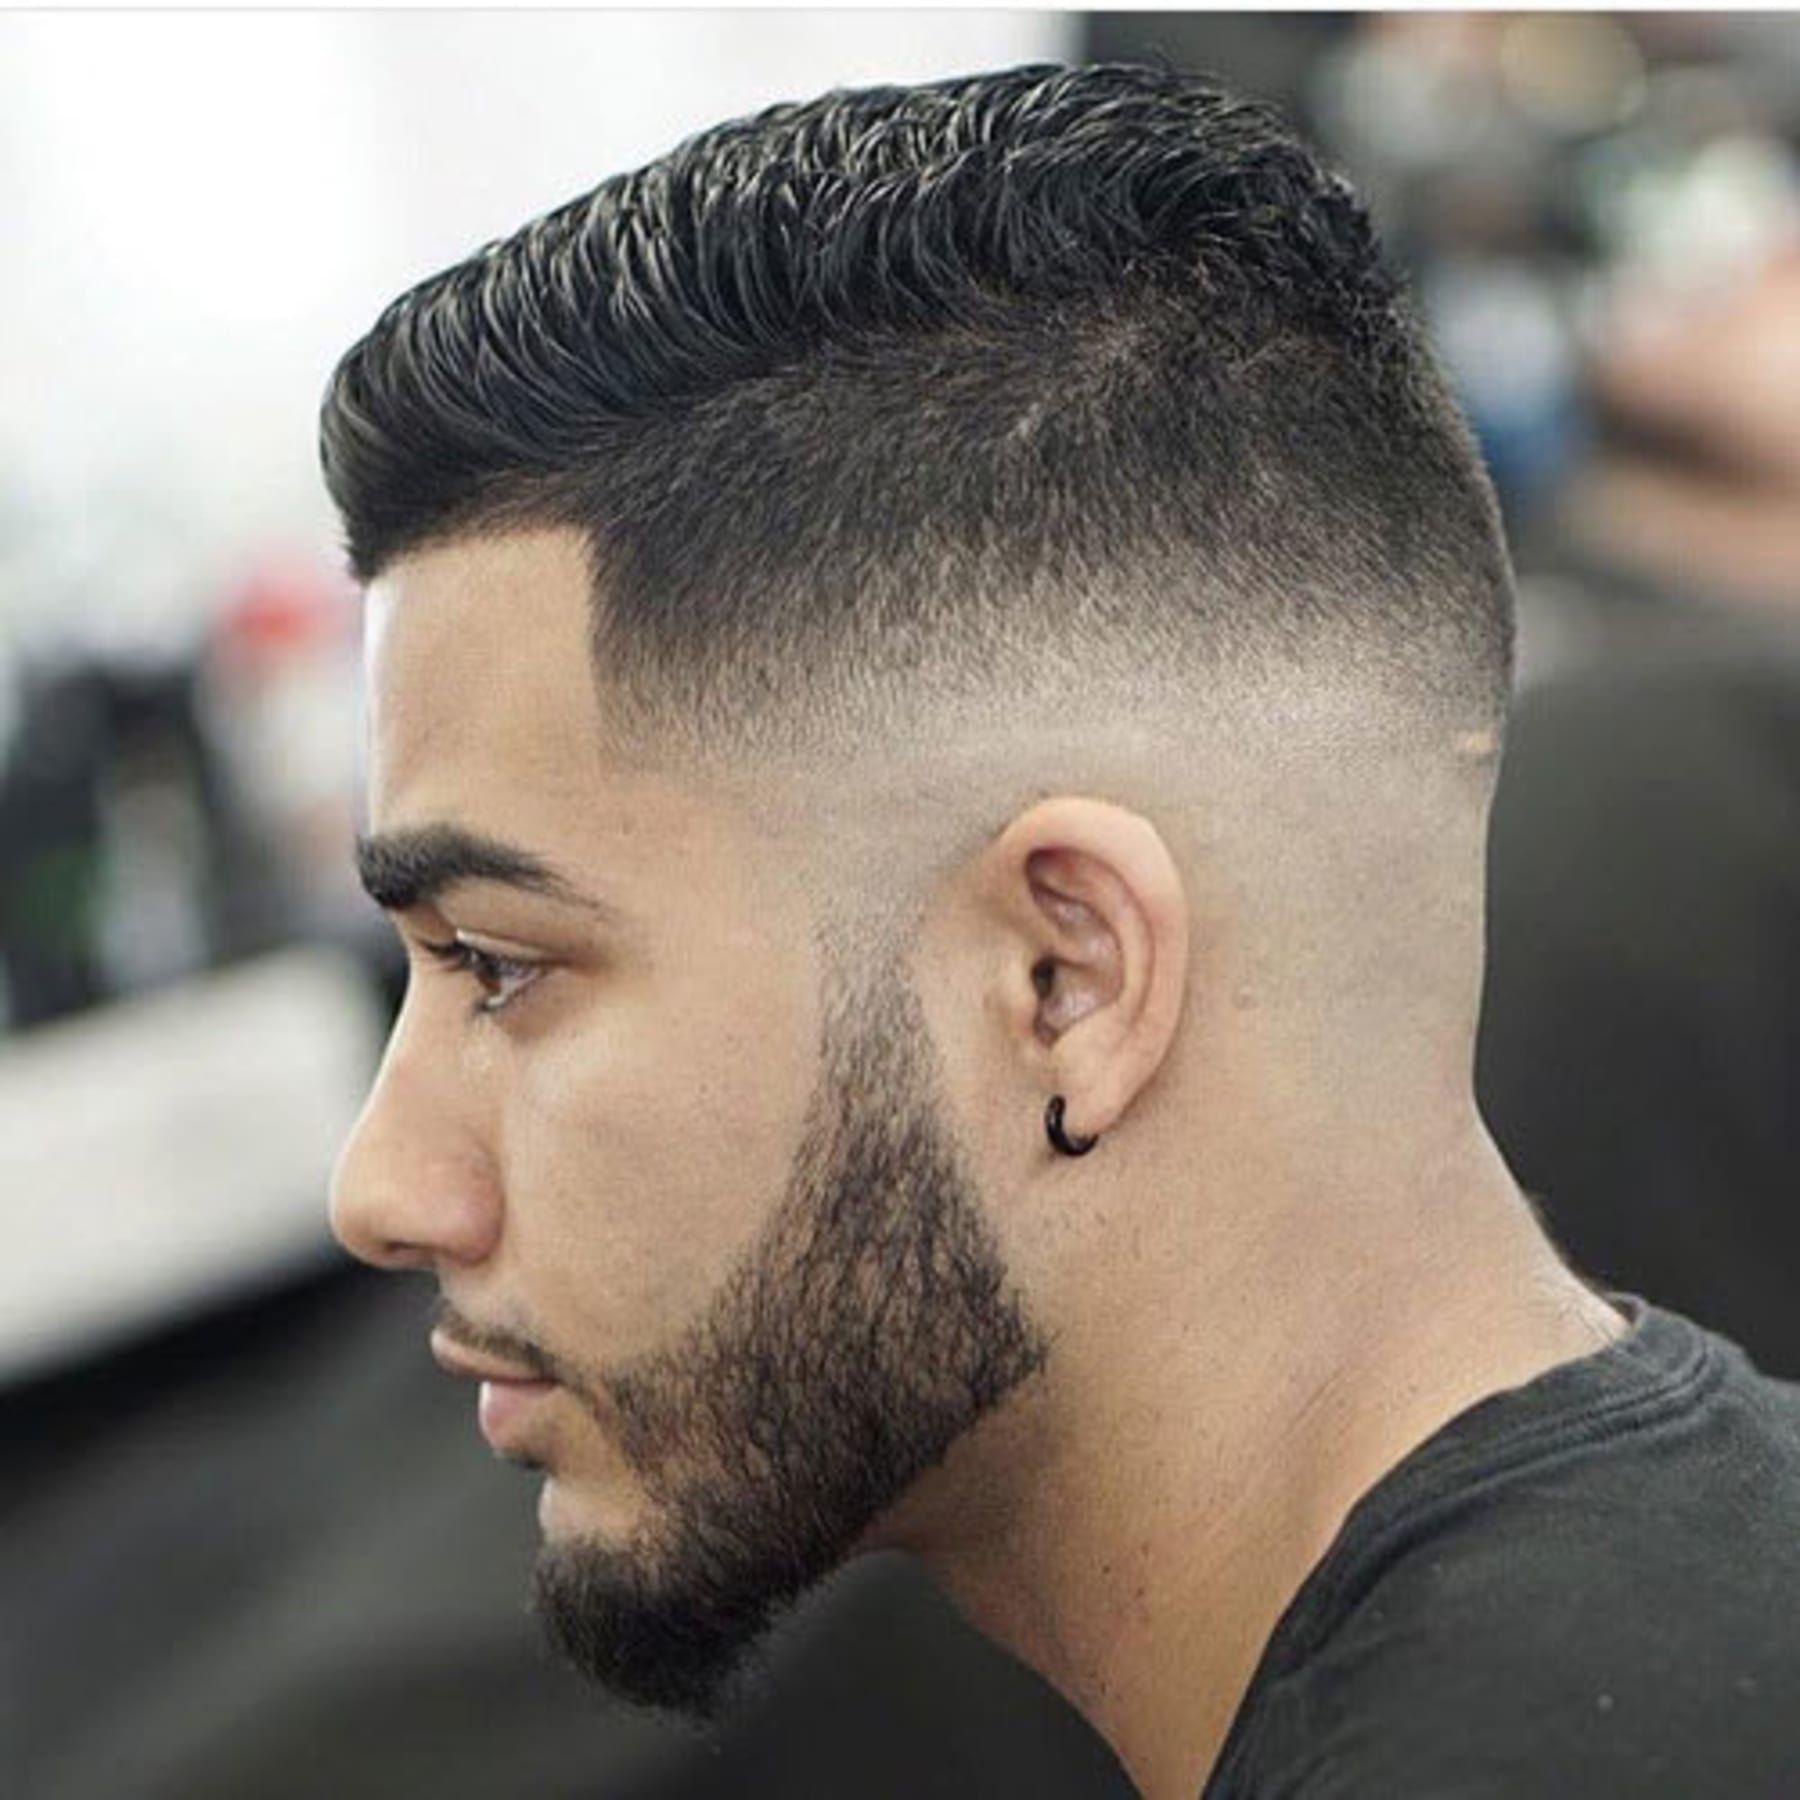 Best High Fade Haircut Styles Mens Haircuts Fade Low Skin Fade Haircut Fade Haircut